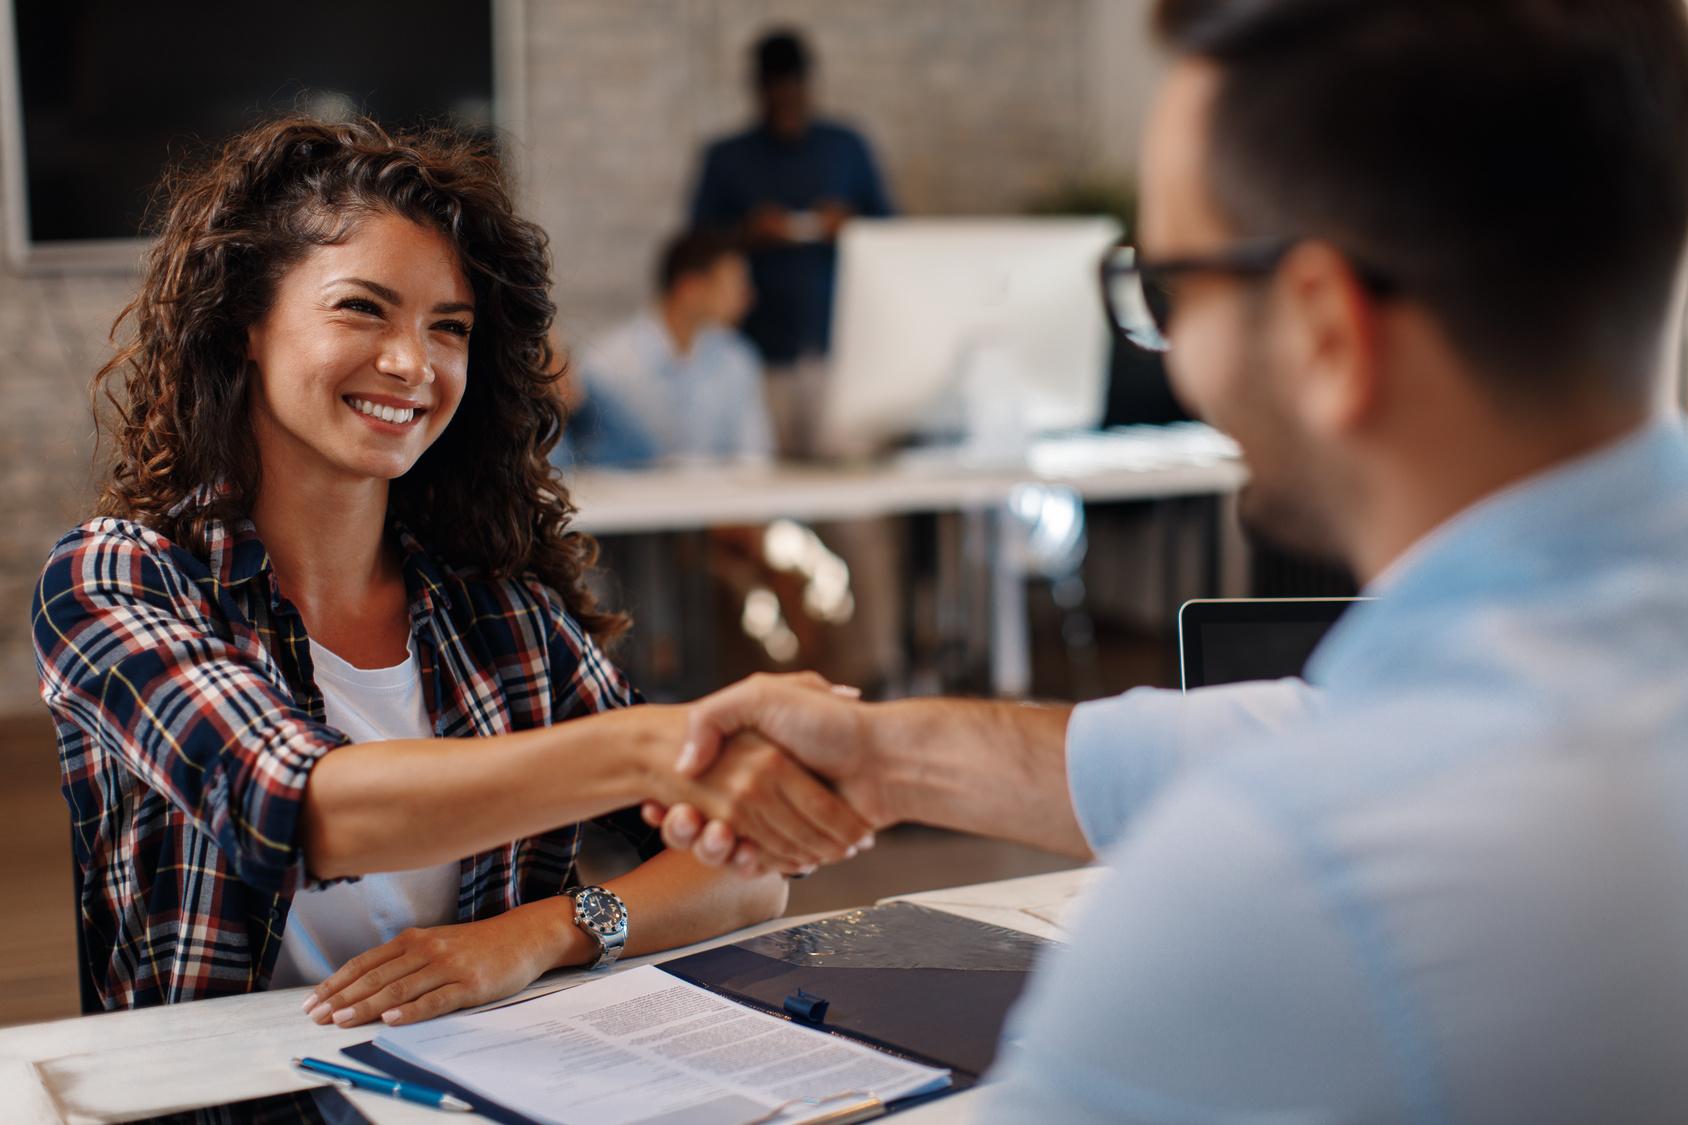 Kommunikation mit Führungskräften ist wichtig, um die Fluktuationsrate zu senken